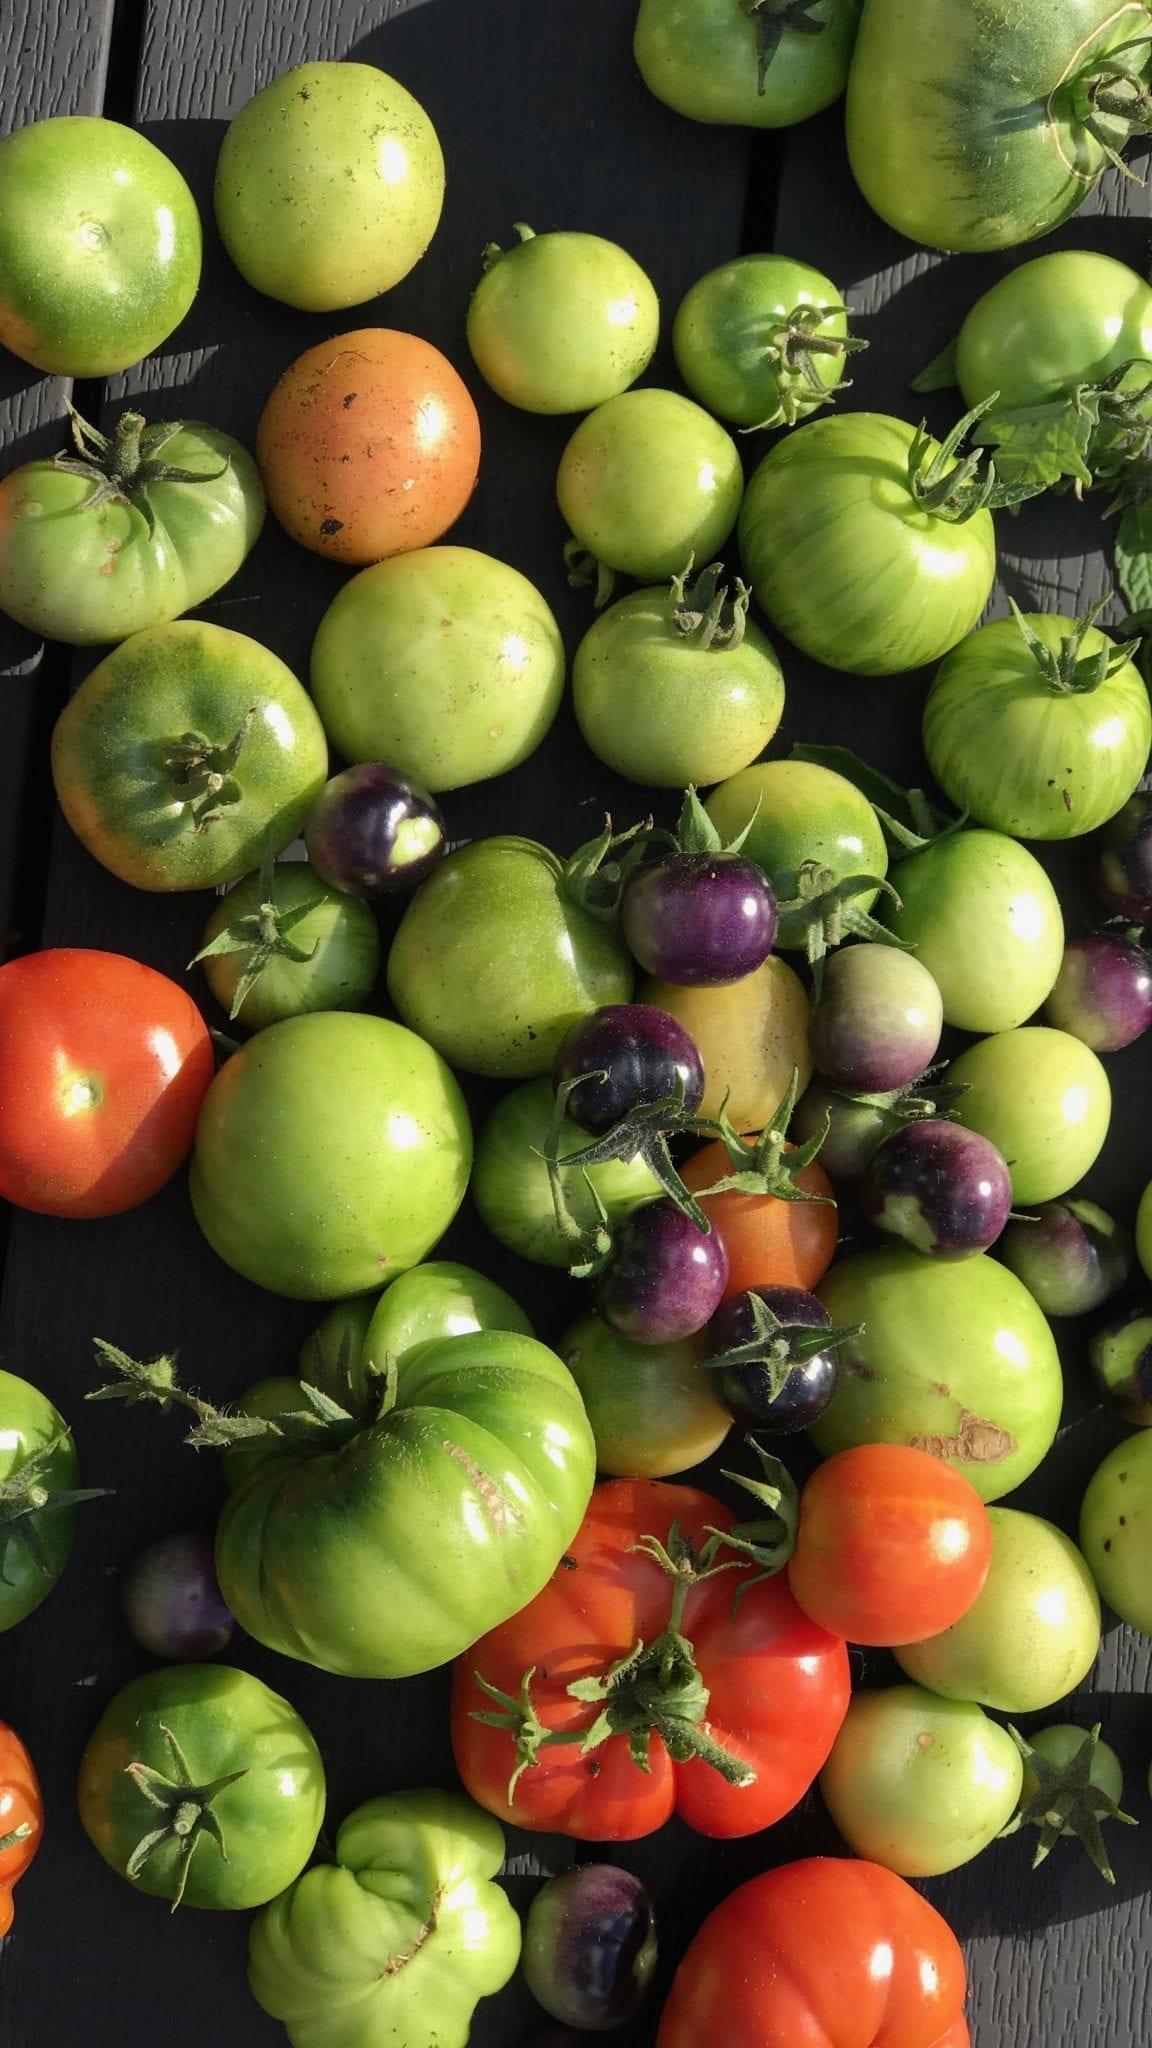 Relish af grønne tomater - Stop madspild